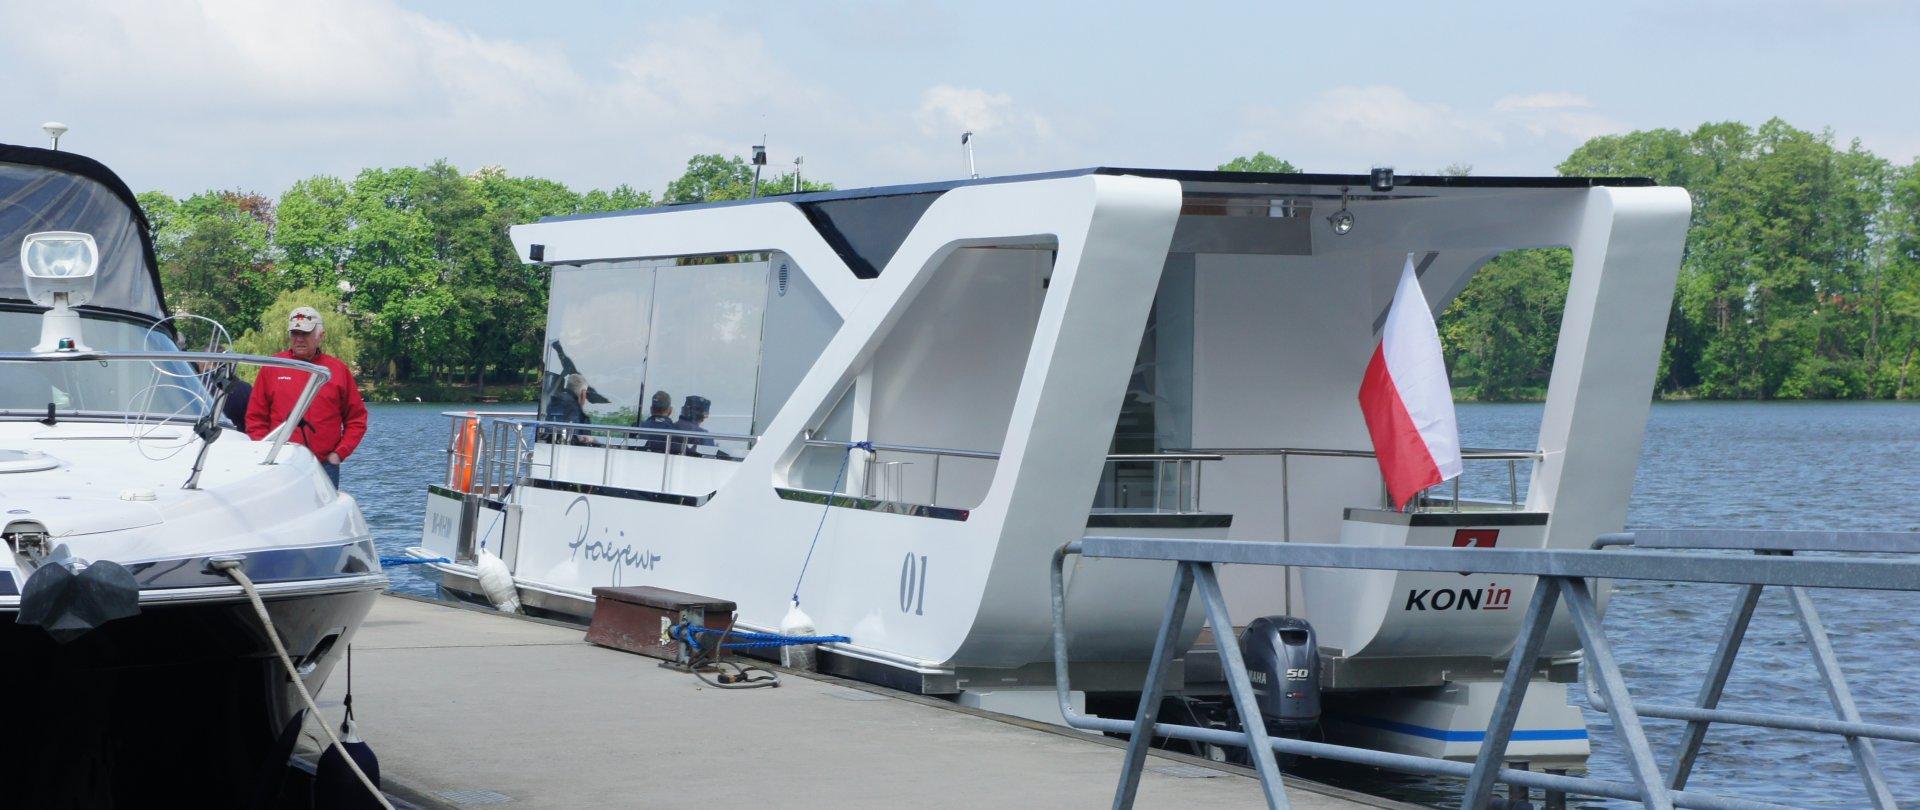 """Pociejewo"""" water tram cruise from """"Gosławice Marina"""""""